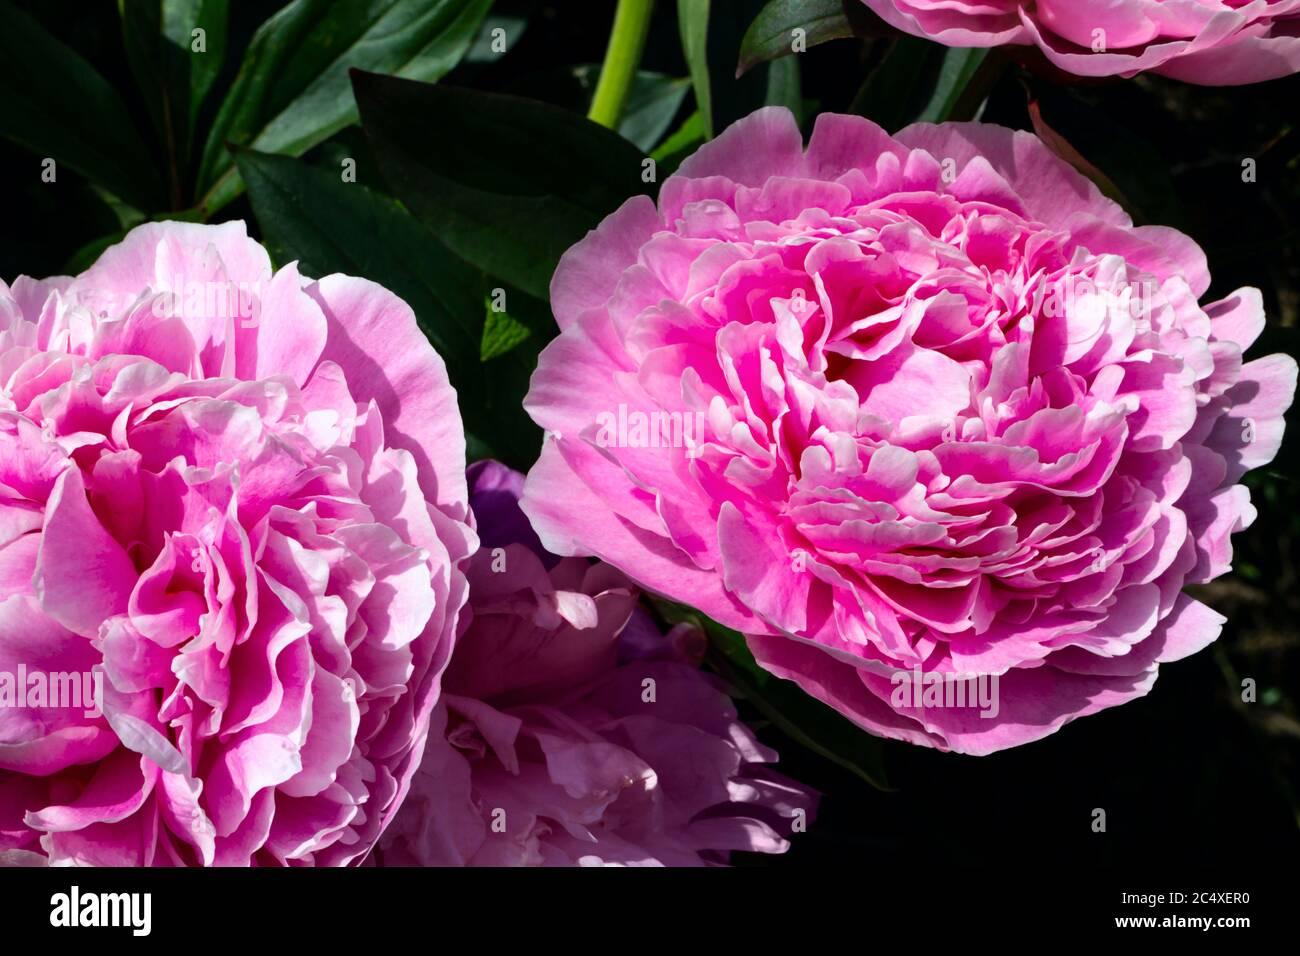 Peonía herbácea rosa en flor, Reino Unido. Foto de stock